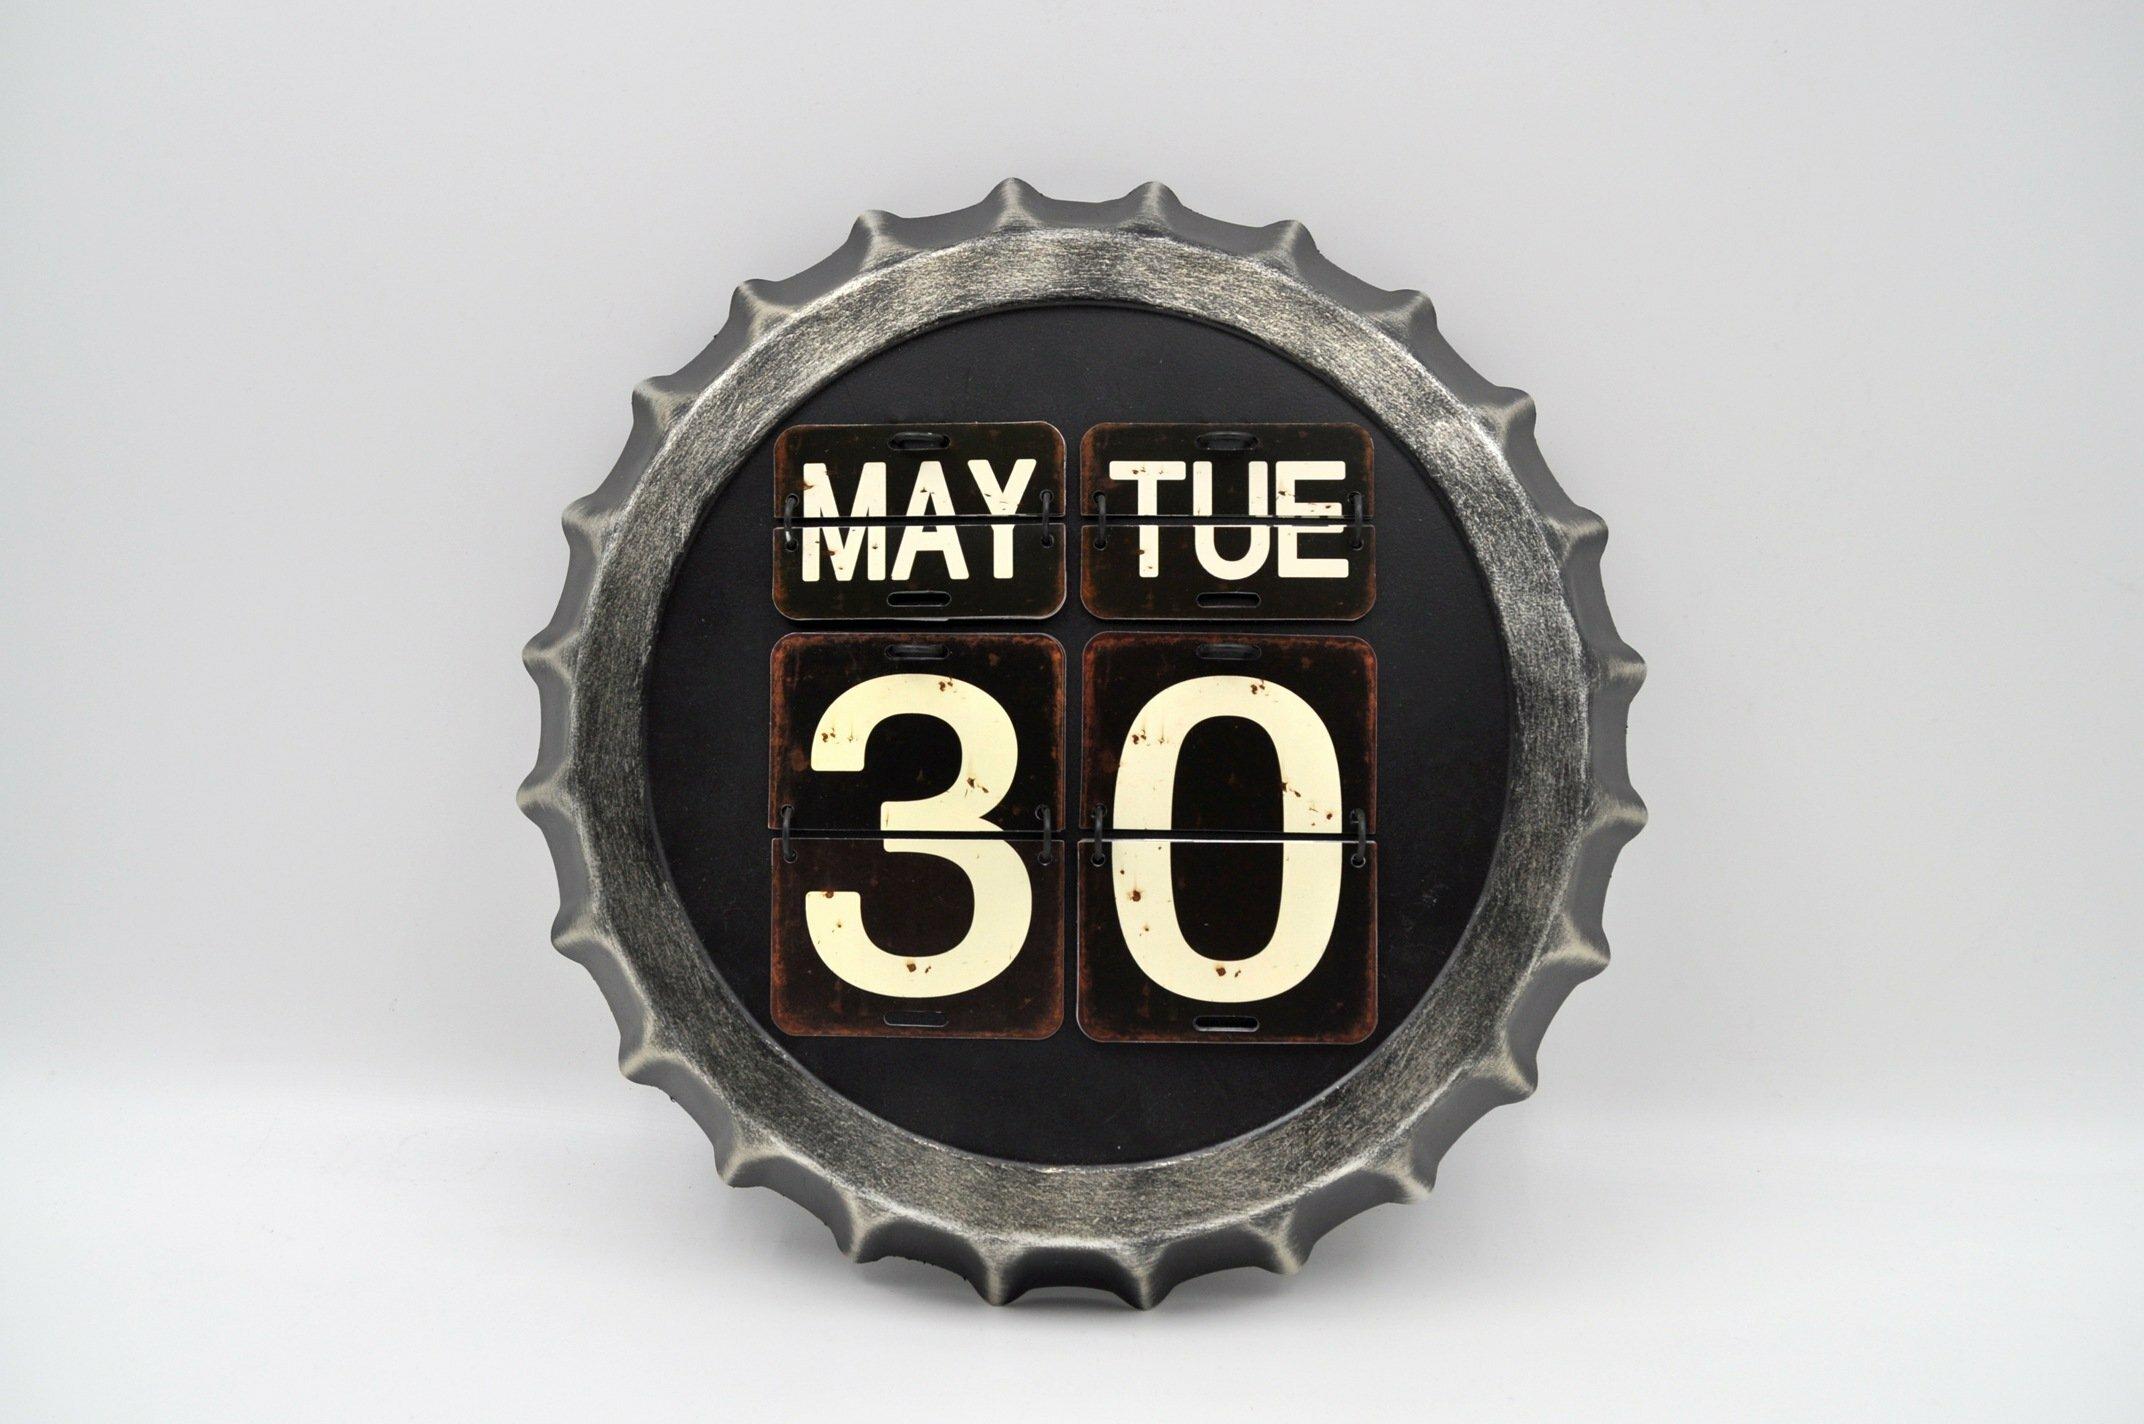 Williston Forge Beer Cap Vintage Calendar Wall Décor Wayfair Ca